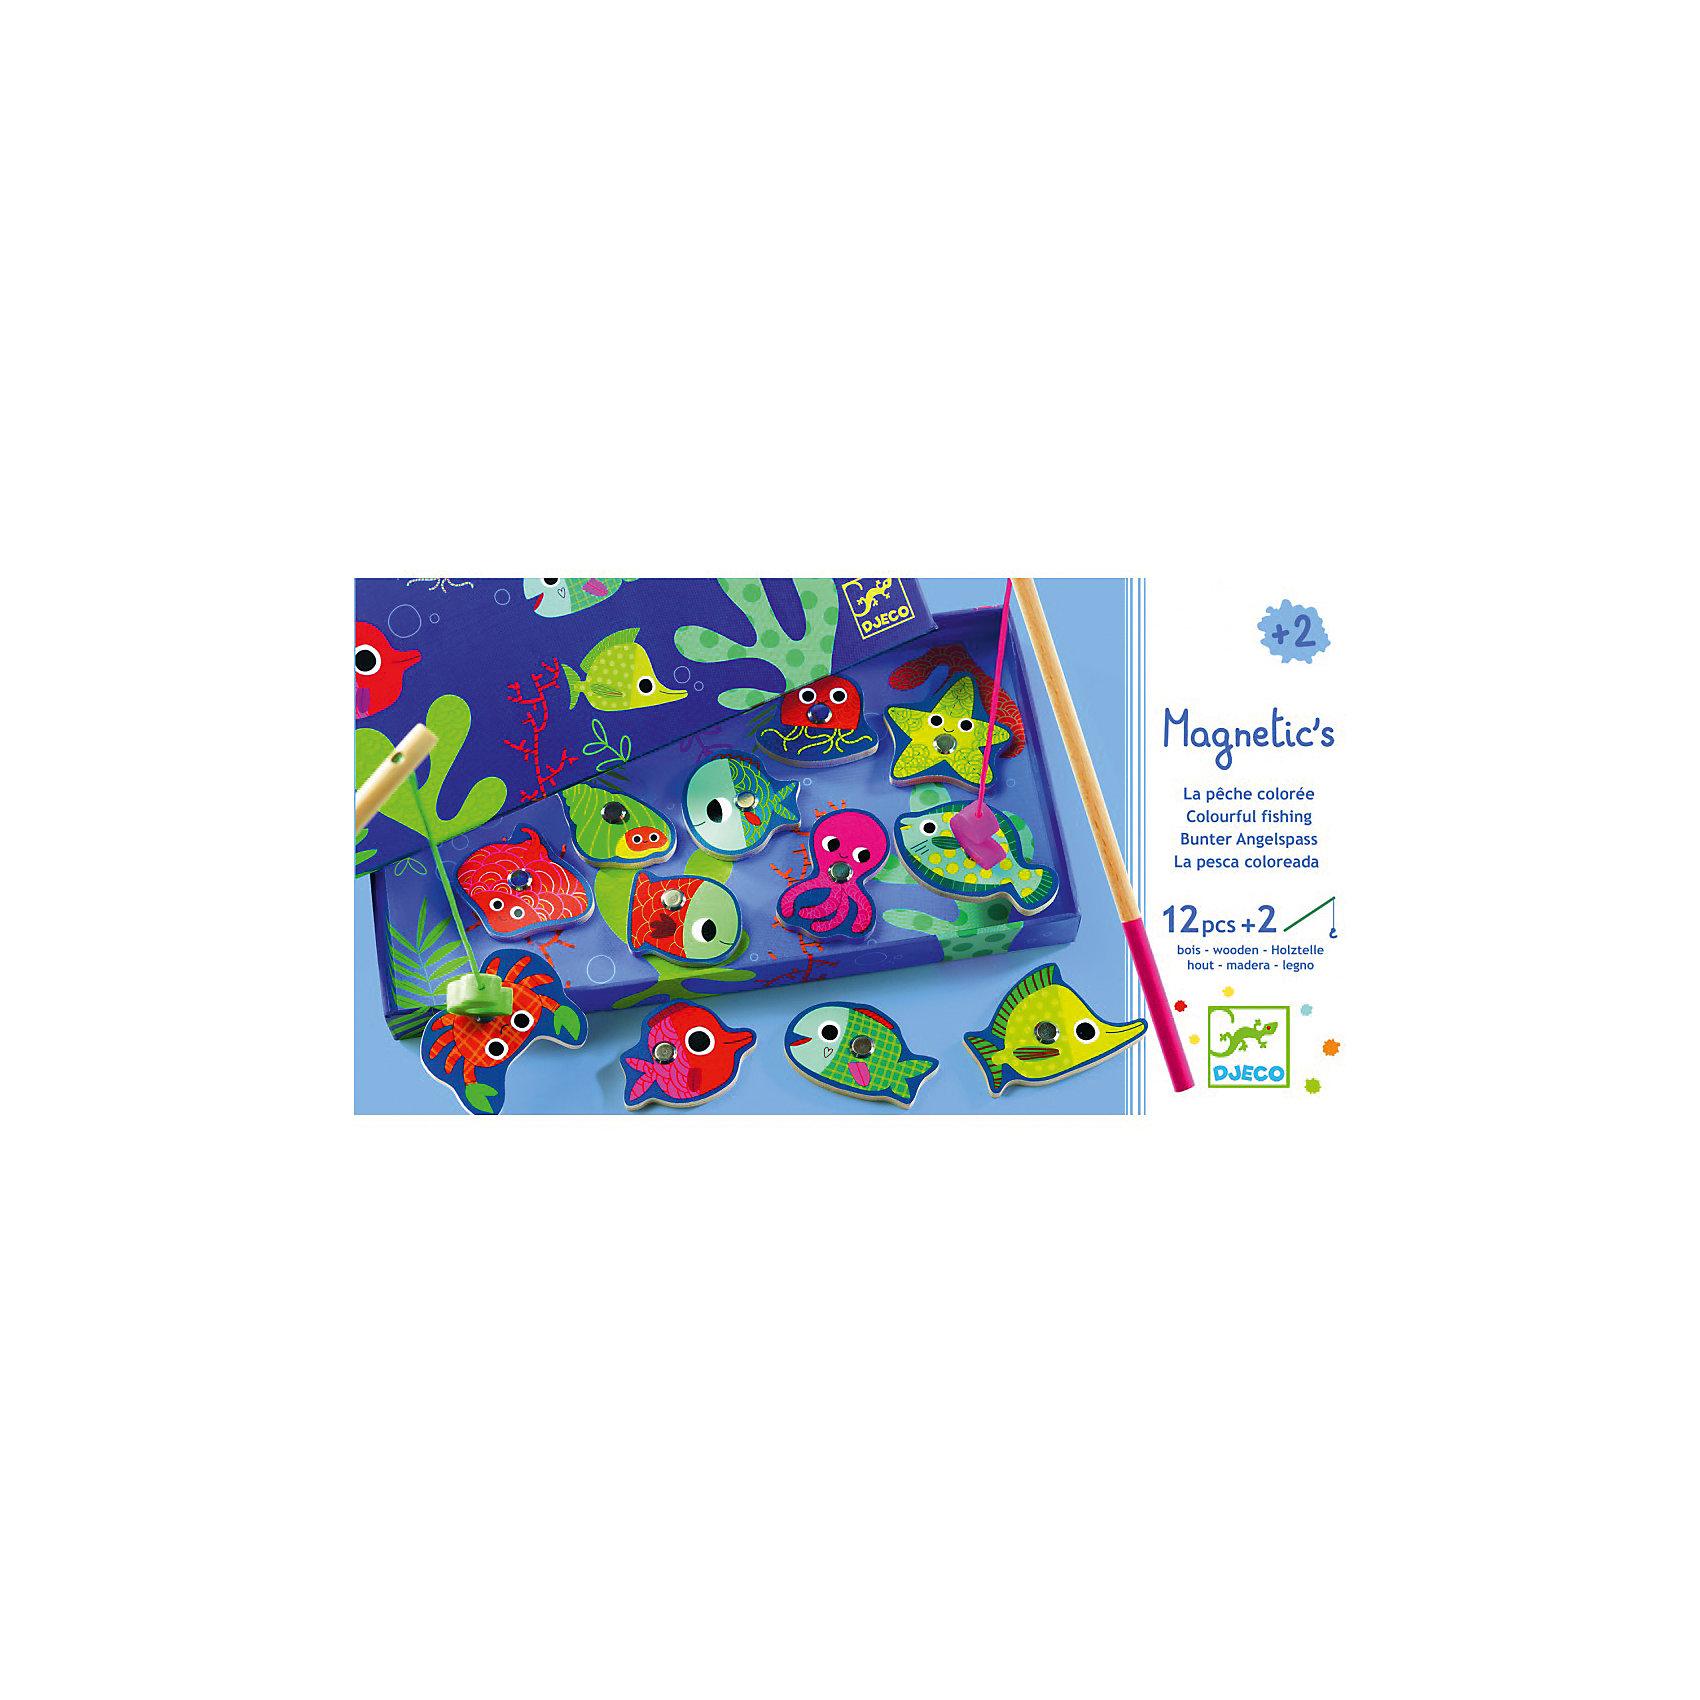 Магнитная игра рыбалка Цвета, DJECOМагнитная игра рыбалка Цвета, DJECO (ДЖЕКО).<br><br>Характеристики:<br><br>- Игра предназначена для детей от 2-х лет<br>- В комплект игры входят: морские обитатели с магнитом - 12 штук, удочки - 2 штуки<br>- Материал: древесина, картон<br>- Игра продается в красочной стильной коробке и идеально подходит в качестве подарка<br>- Размер упаковки: 28х15х2,5 см.<br><br>Магнитная игра рыбалка Цвета от Djeco - игра для юных рыболовов, желающих поймать на удочку красочных разноцветных рыбок. Рыбалка Djeco - это интереснейшая развивающая игра, в которой малышу придется ловить красочных рыбок игрушечной удочкой с большим магнитным безопасным крючком. При этом малыш также сможет научиться различать и называть различные цвета. Магнитная игра рыбалка Цвета Djeco поможет не только развить ловкость и моторику малыша, но и даст полезный навык, который, возможно, будет основой будущего хобби. Все детали игры очень высококачественны и безопасны для ребенка, что подтверждается сертификатами.<br><br>Магнитную игру рыбалку Цвета, DJECO (ДЖЕКО) можно купить в нашем интернет-магазине.<br><br>Ширина мм: 280<br>Глубина мм: 150<br>Высота мм: 250<br>Вес г: 350<br>Возраст от месяцев: 24<br>Возраст до месяцев: 2147483647<br>Пол: Унисекс<br>Возраст: Детский<br>SKU: 5299154